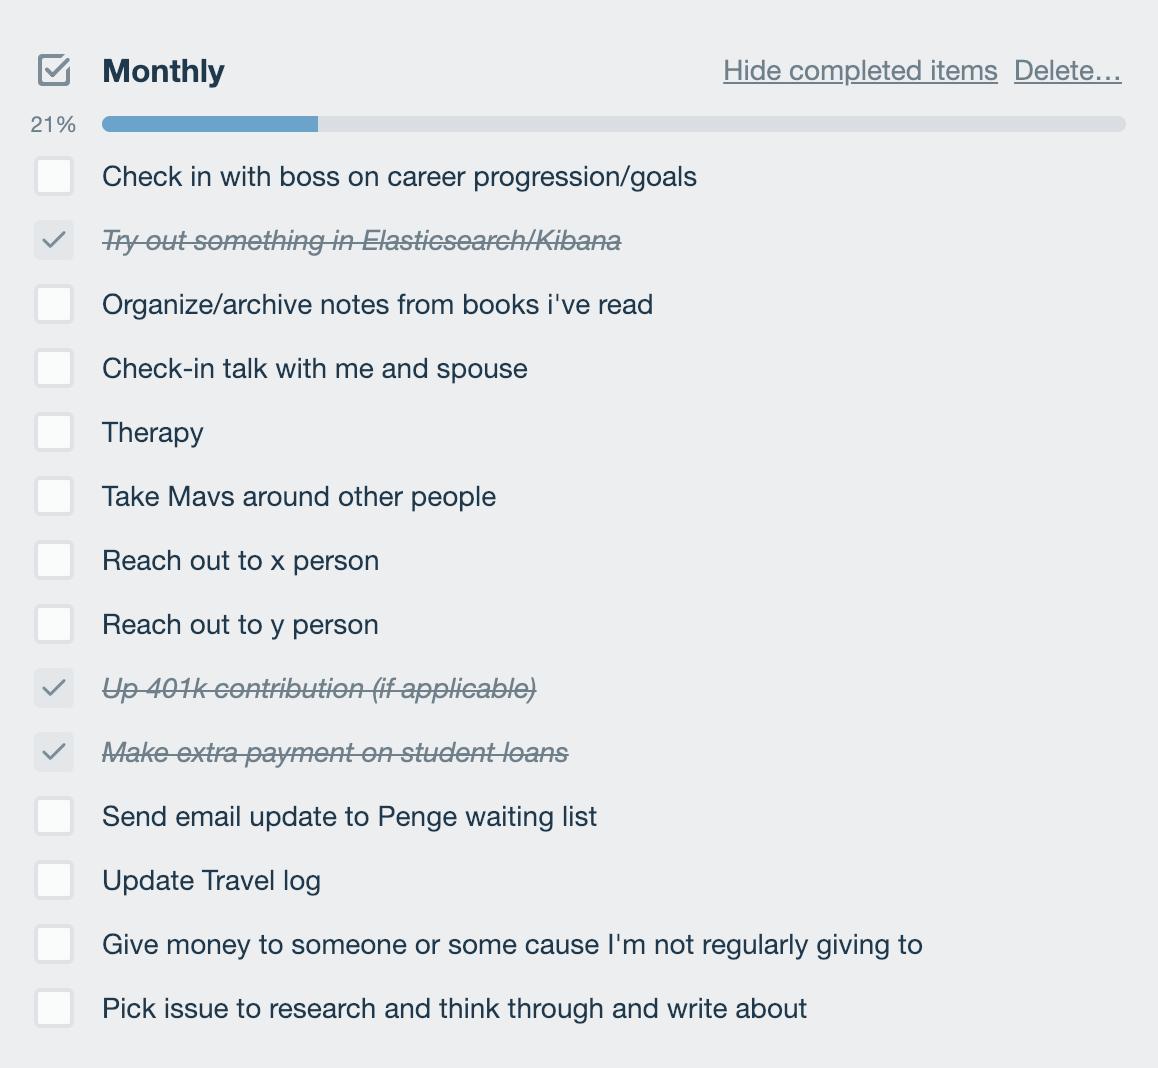 monthly goals checklist